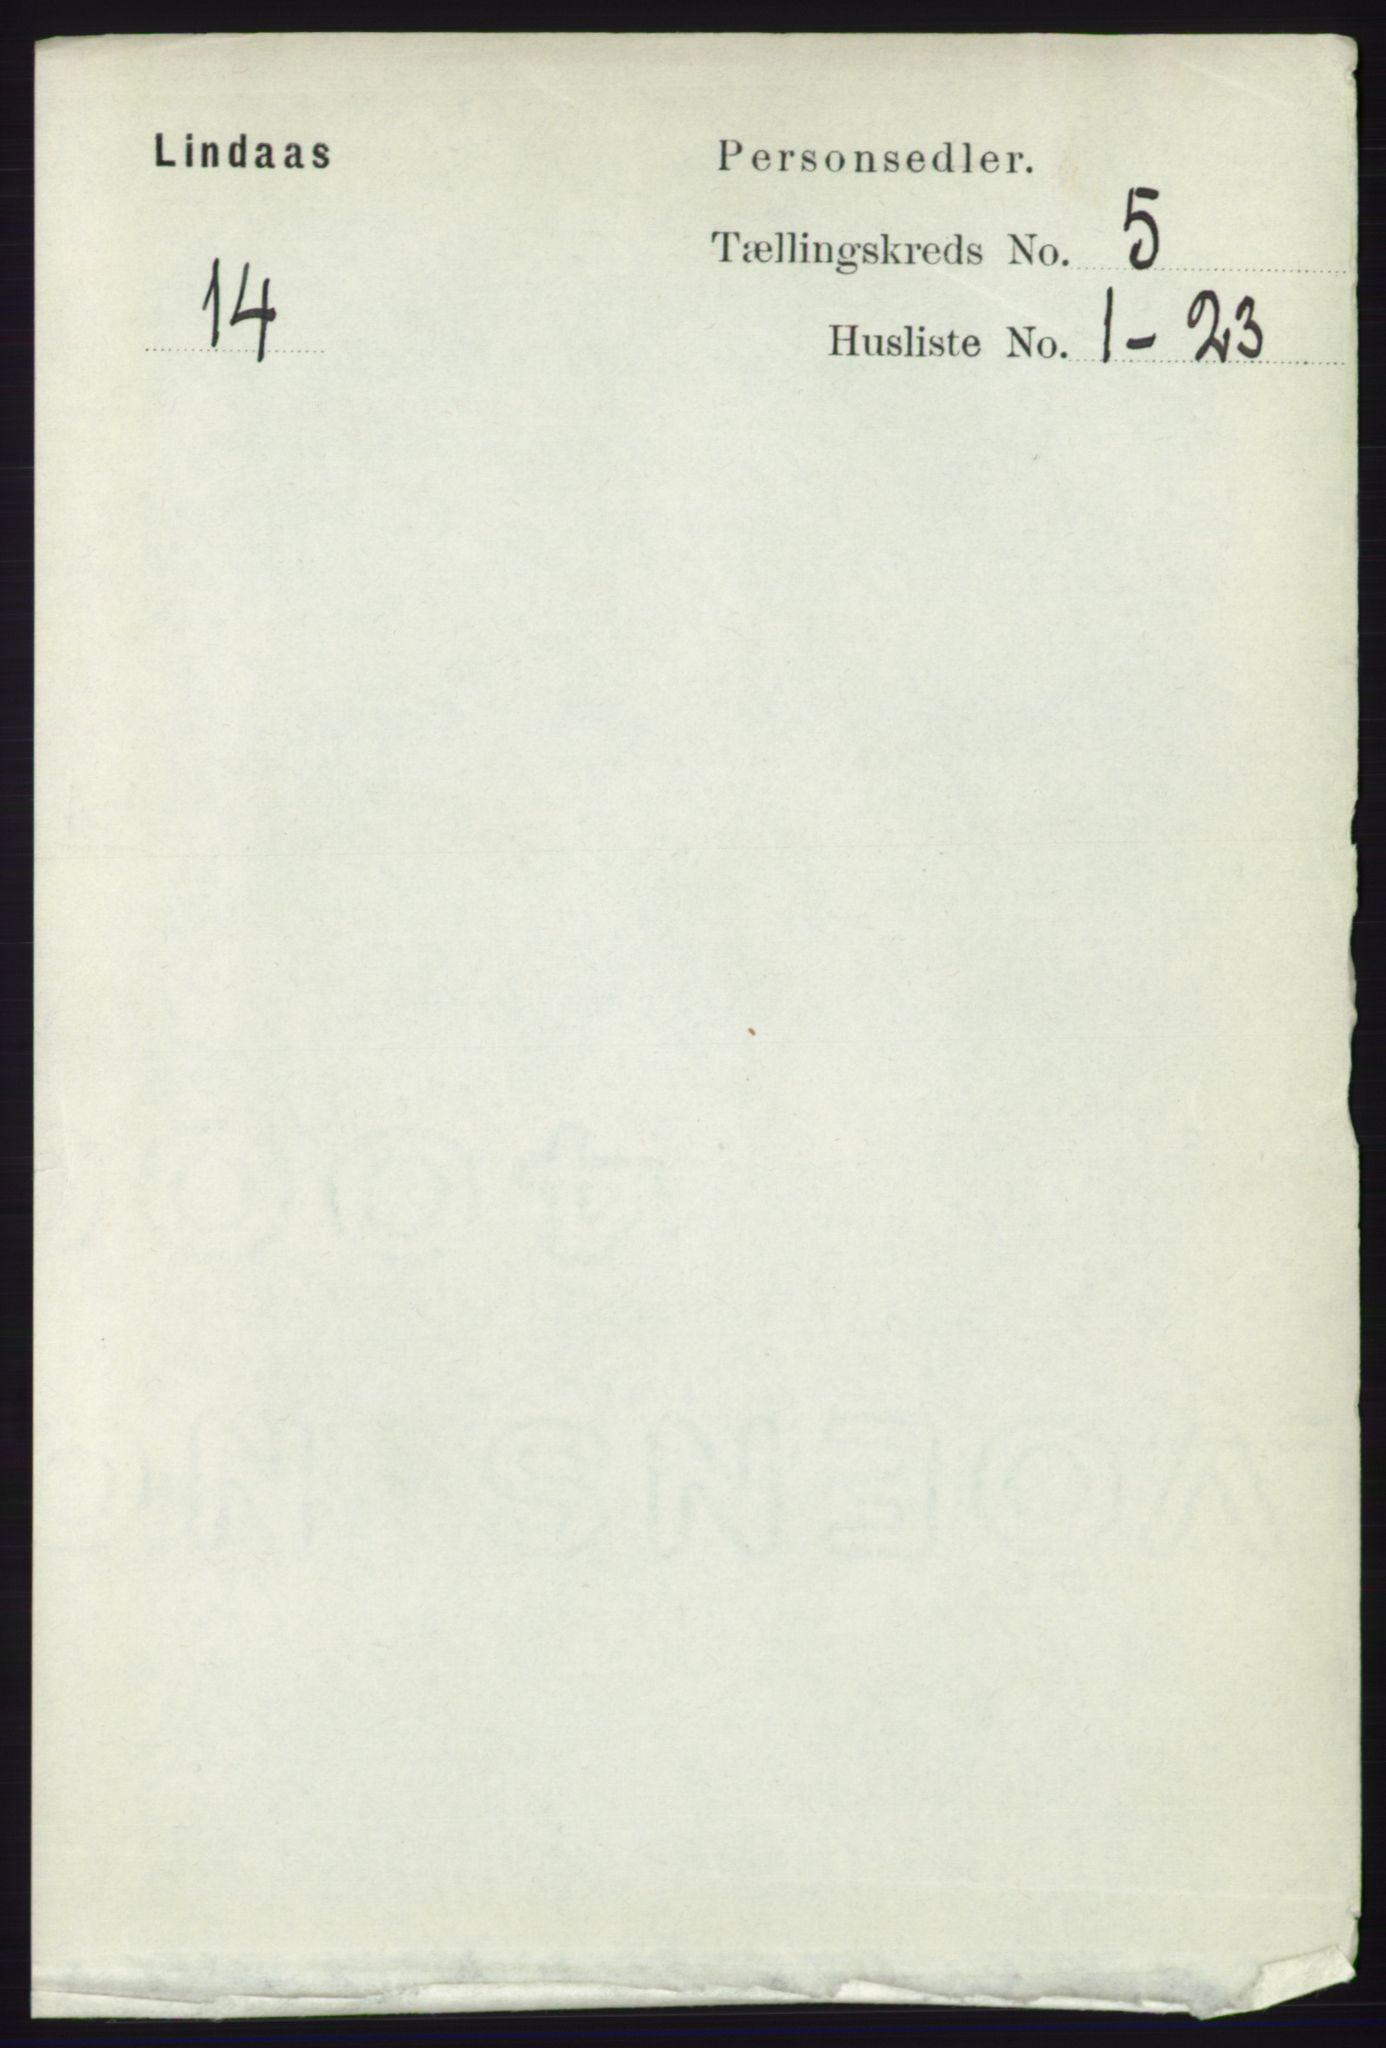 RA, Folketelling 1891 for 1263 Lindås herred, 1891, s. 1444